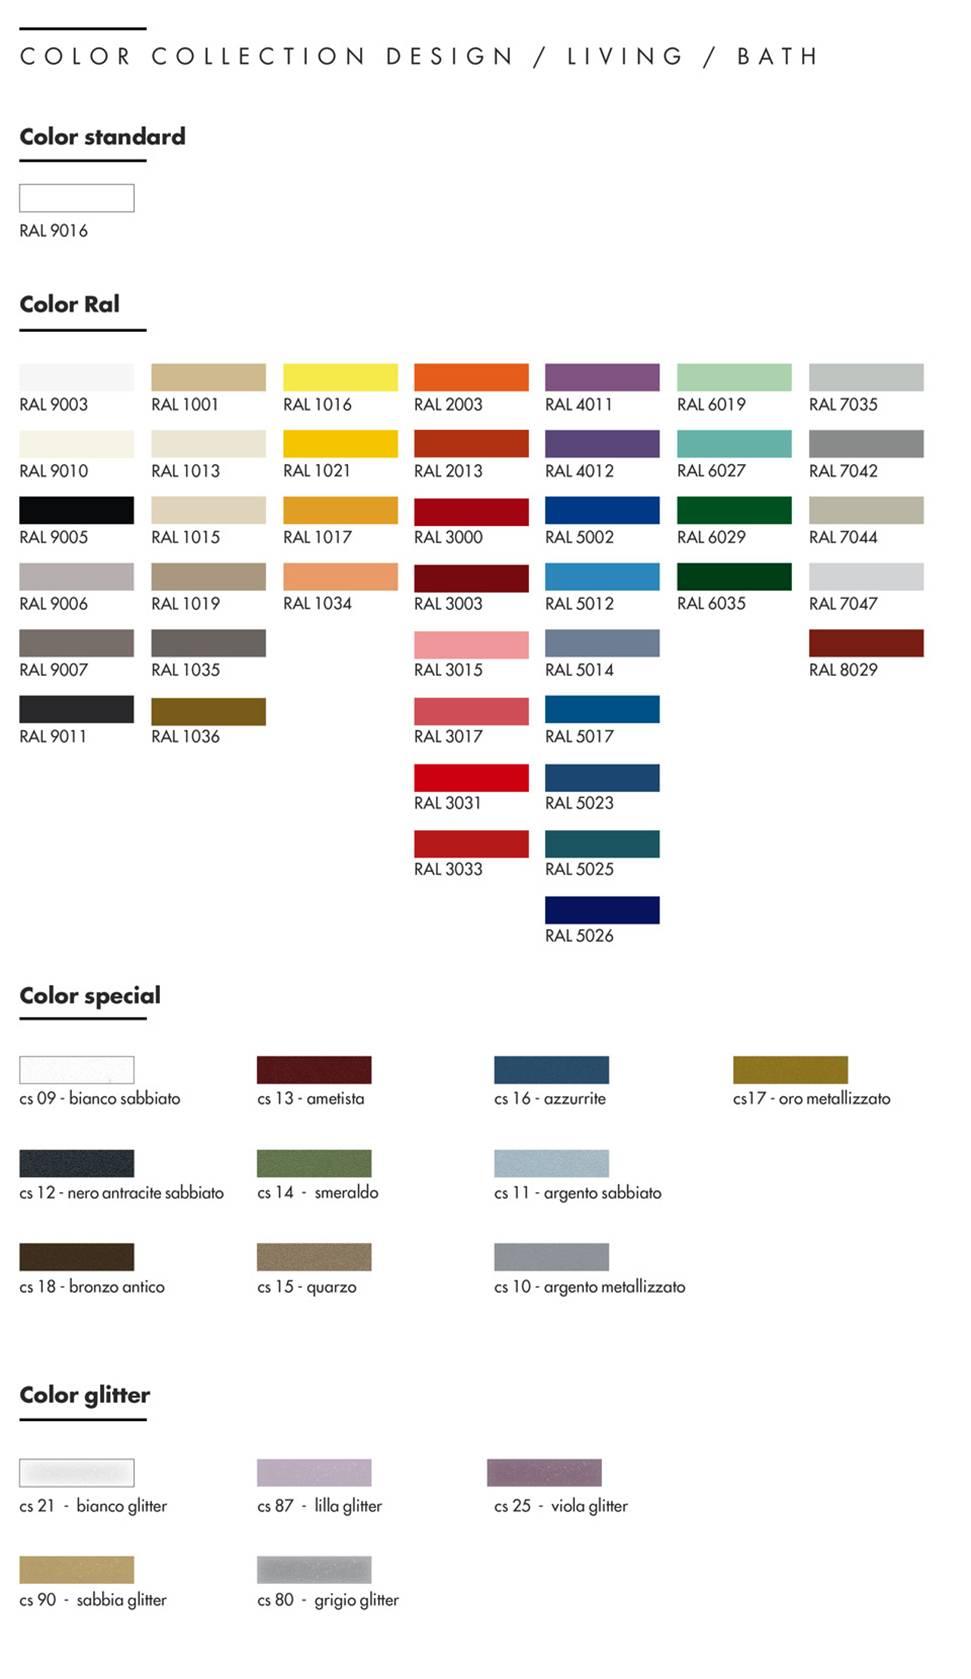 tabella_colori_Graziano_radiators